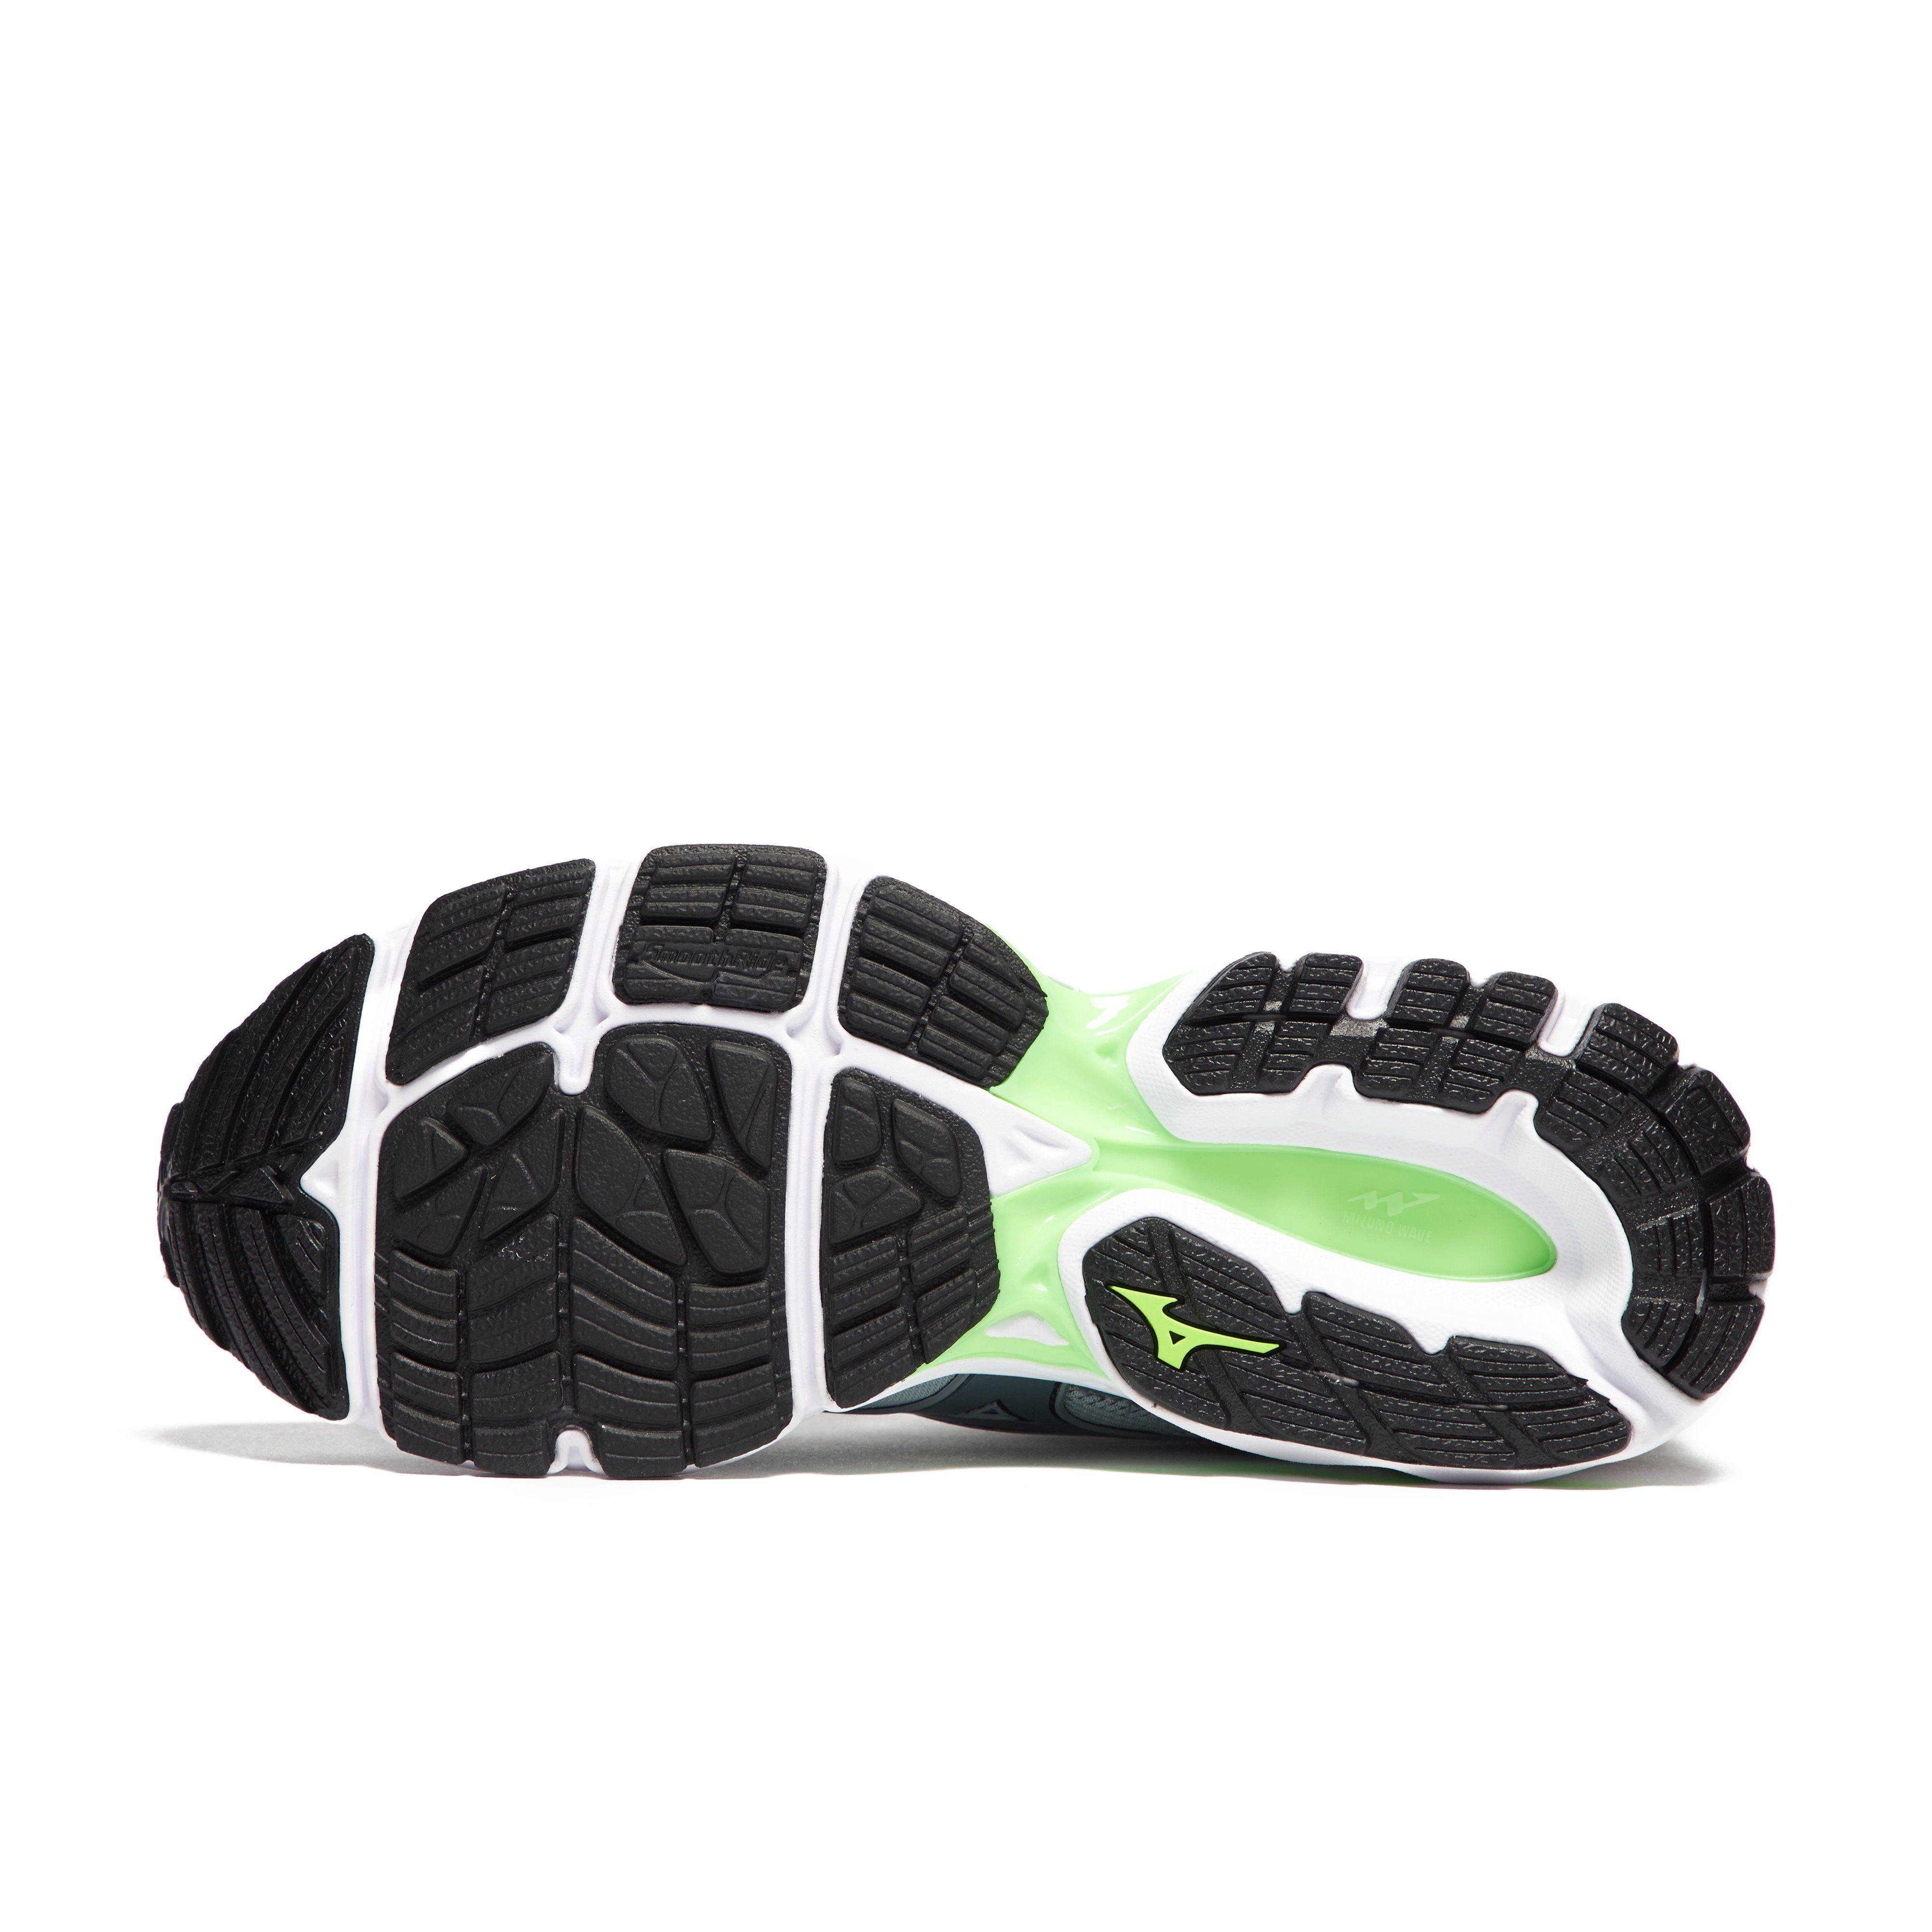 Mizuno Wave Inspire 15 Men's Running Shoes